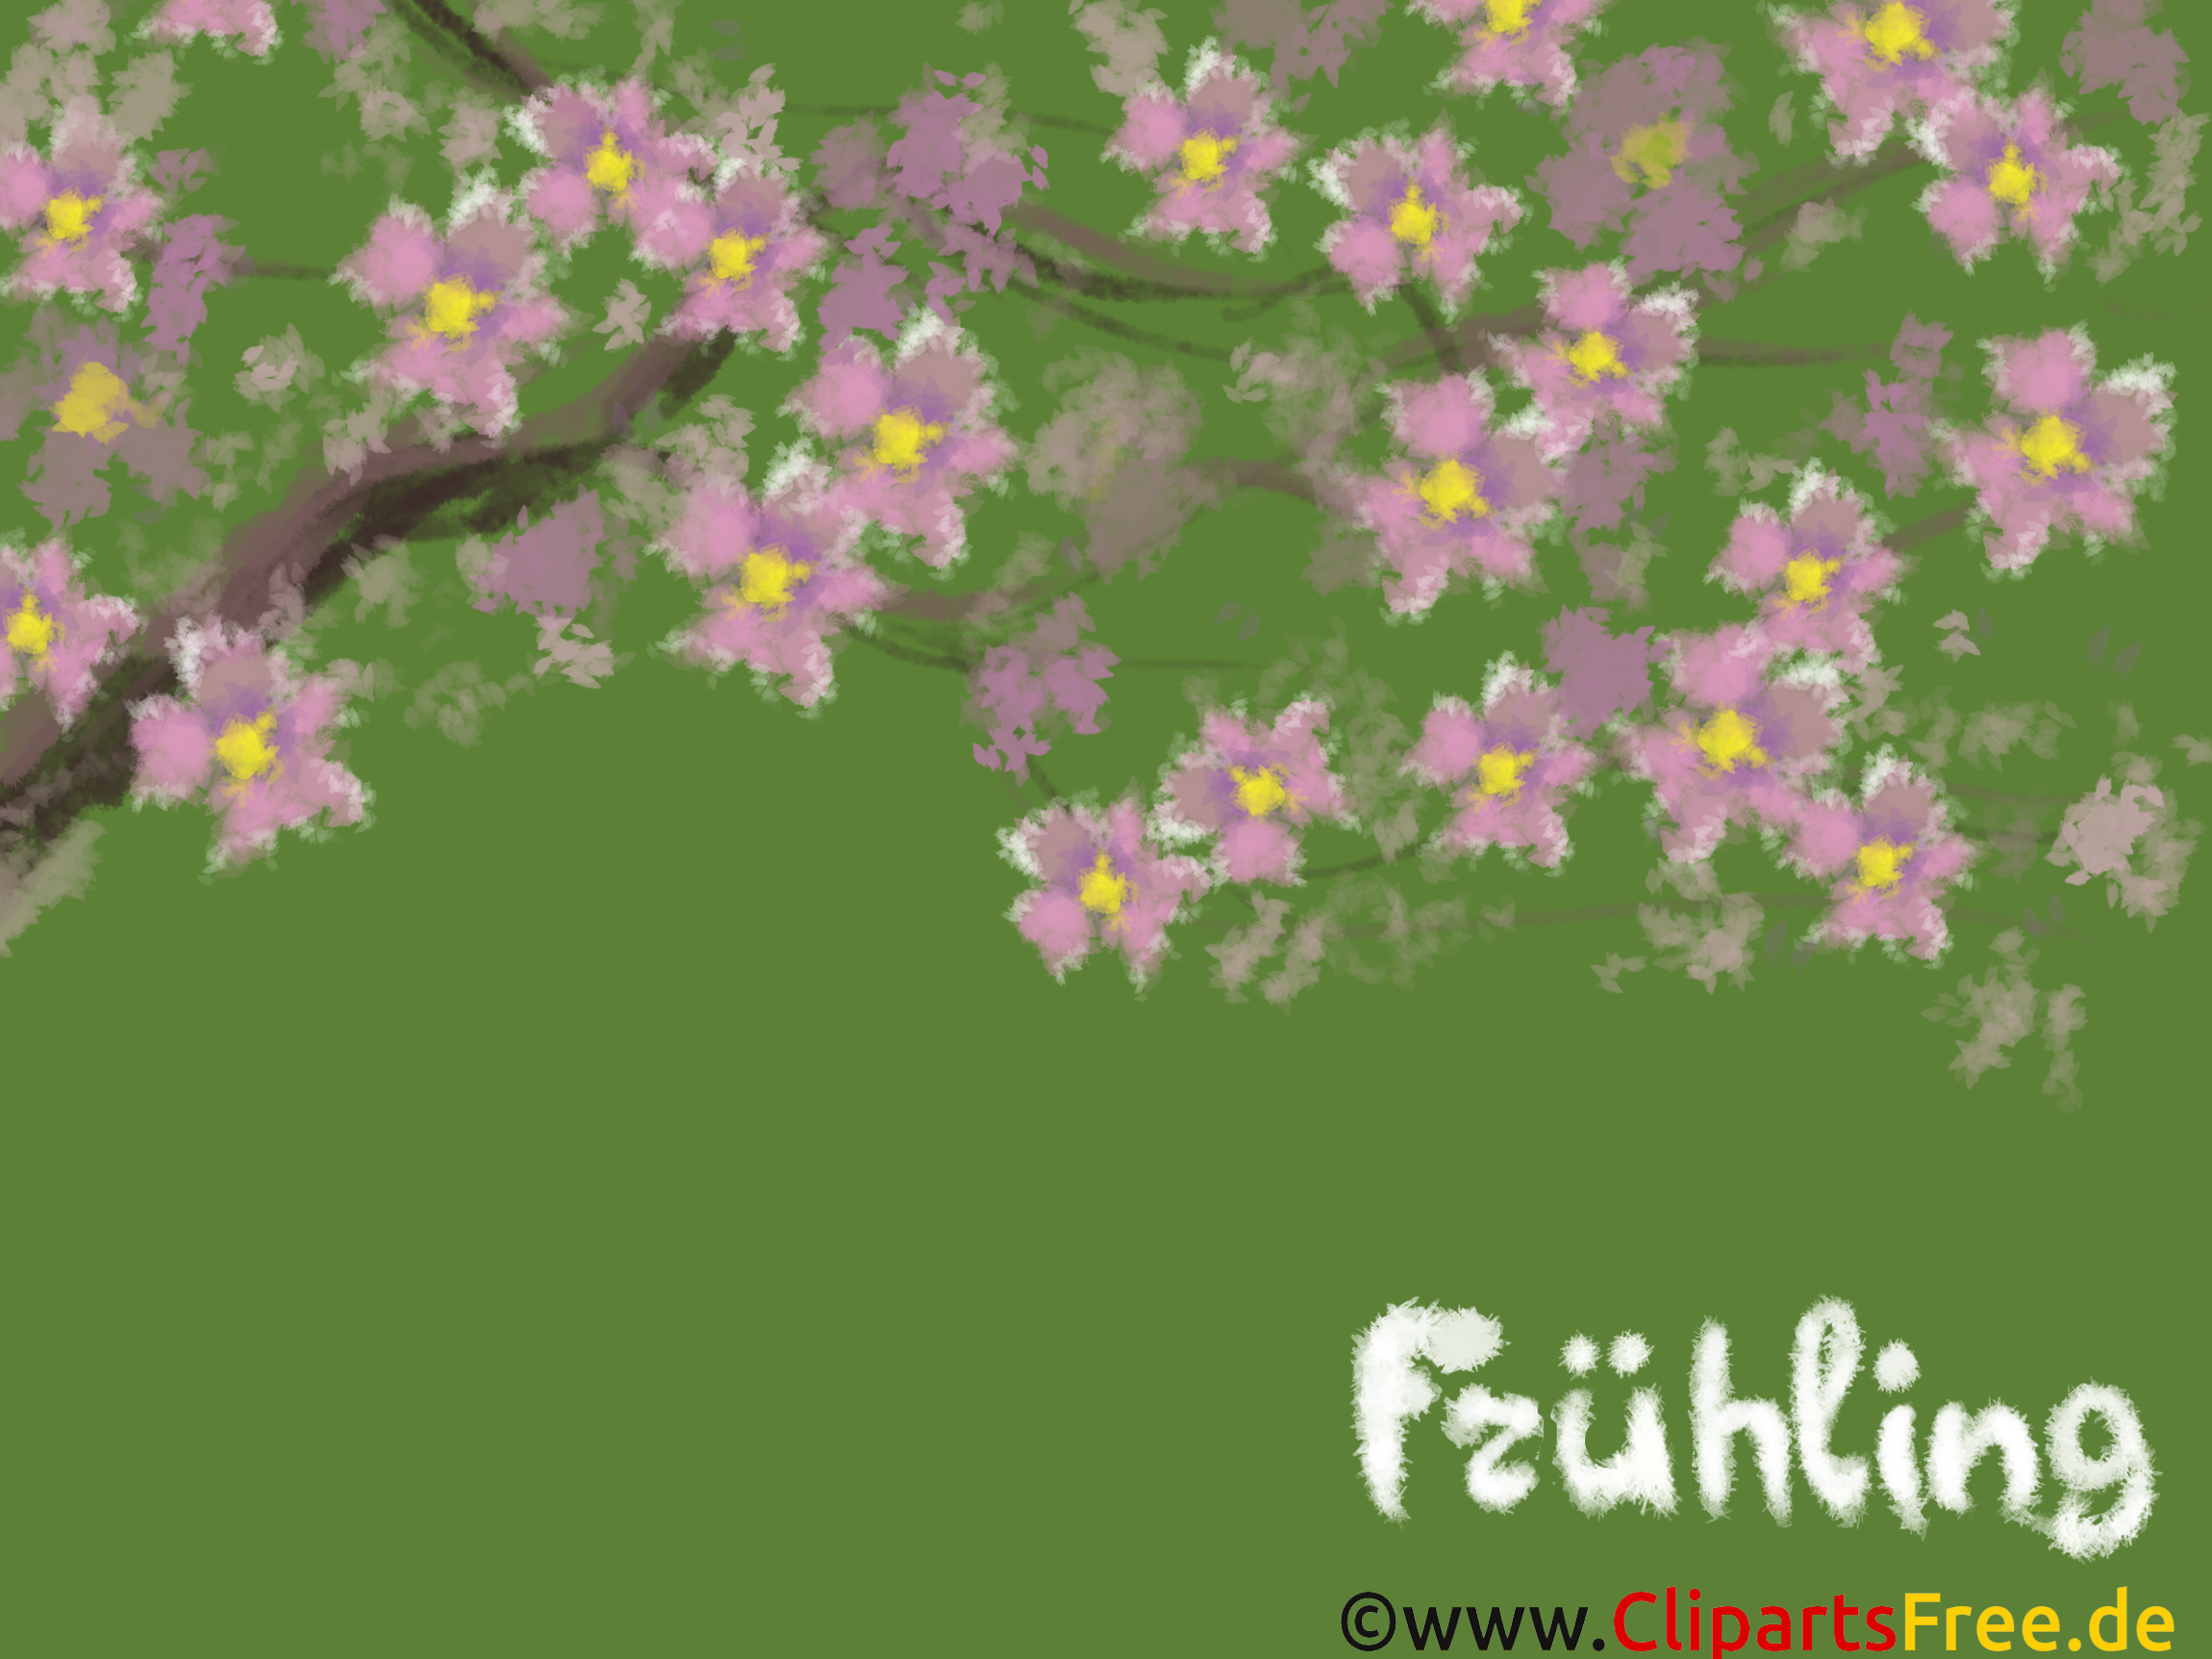 Floraison images gratuites – Fonds d'écran gratuit